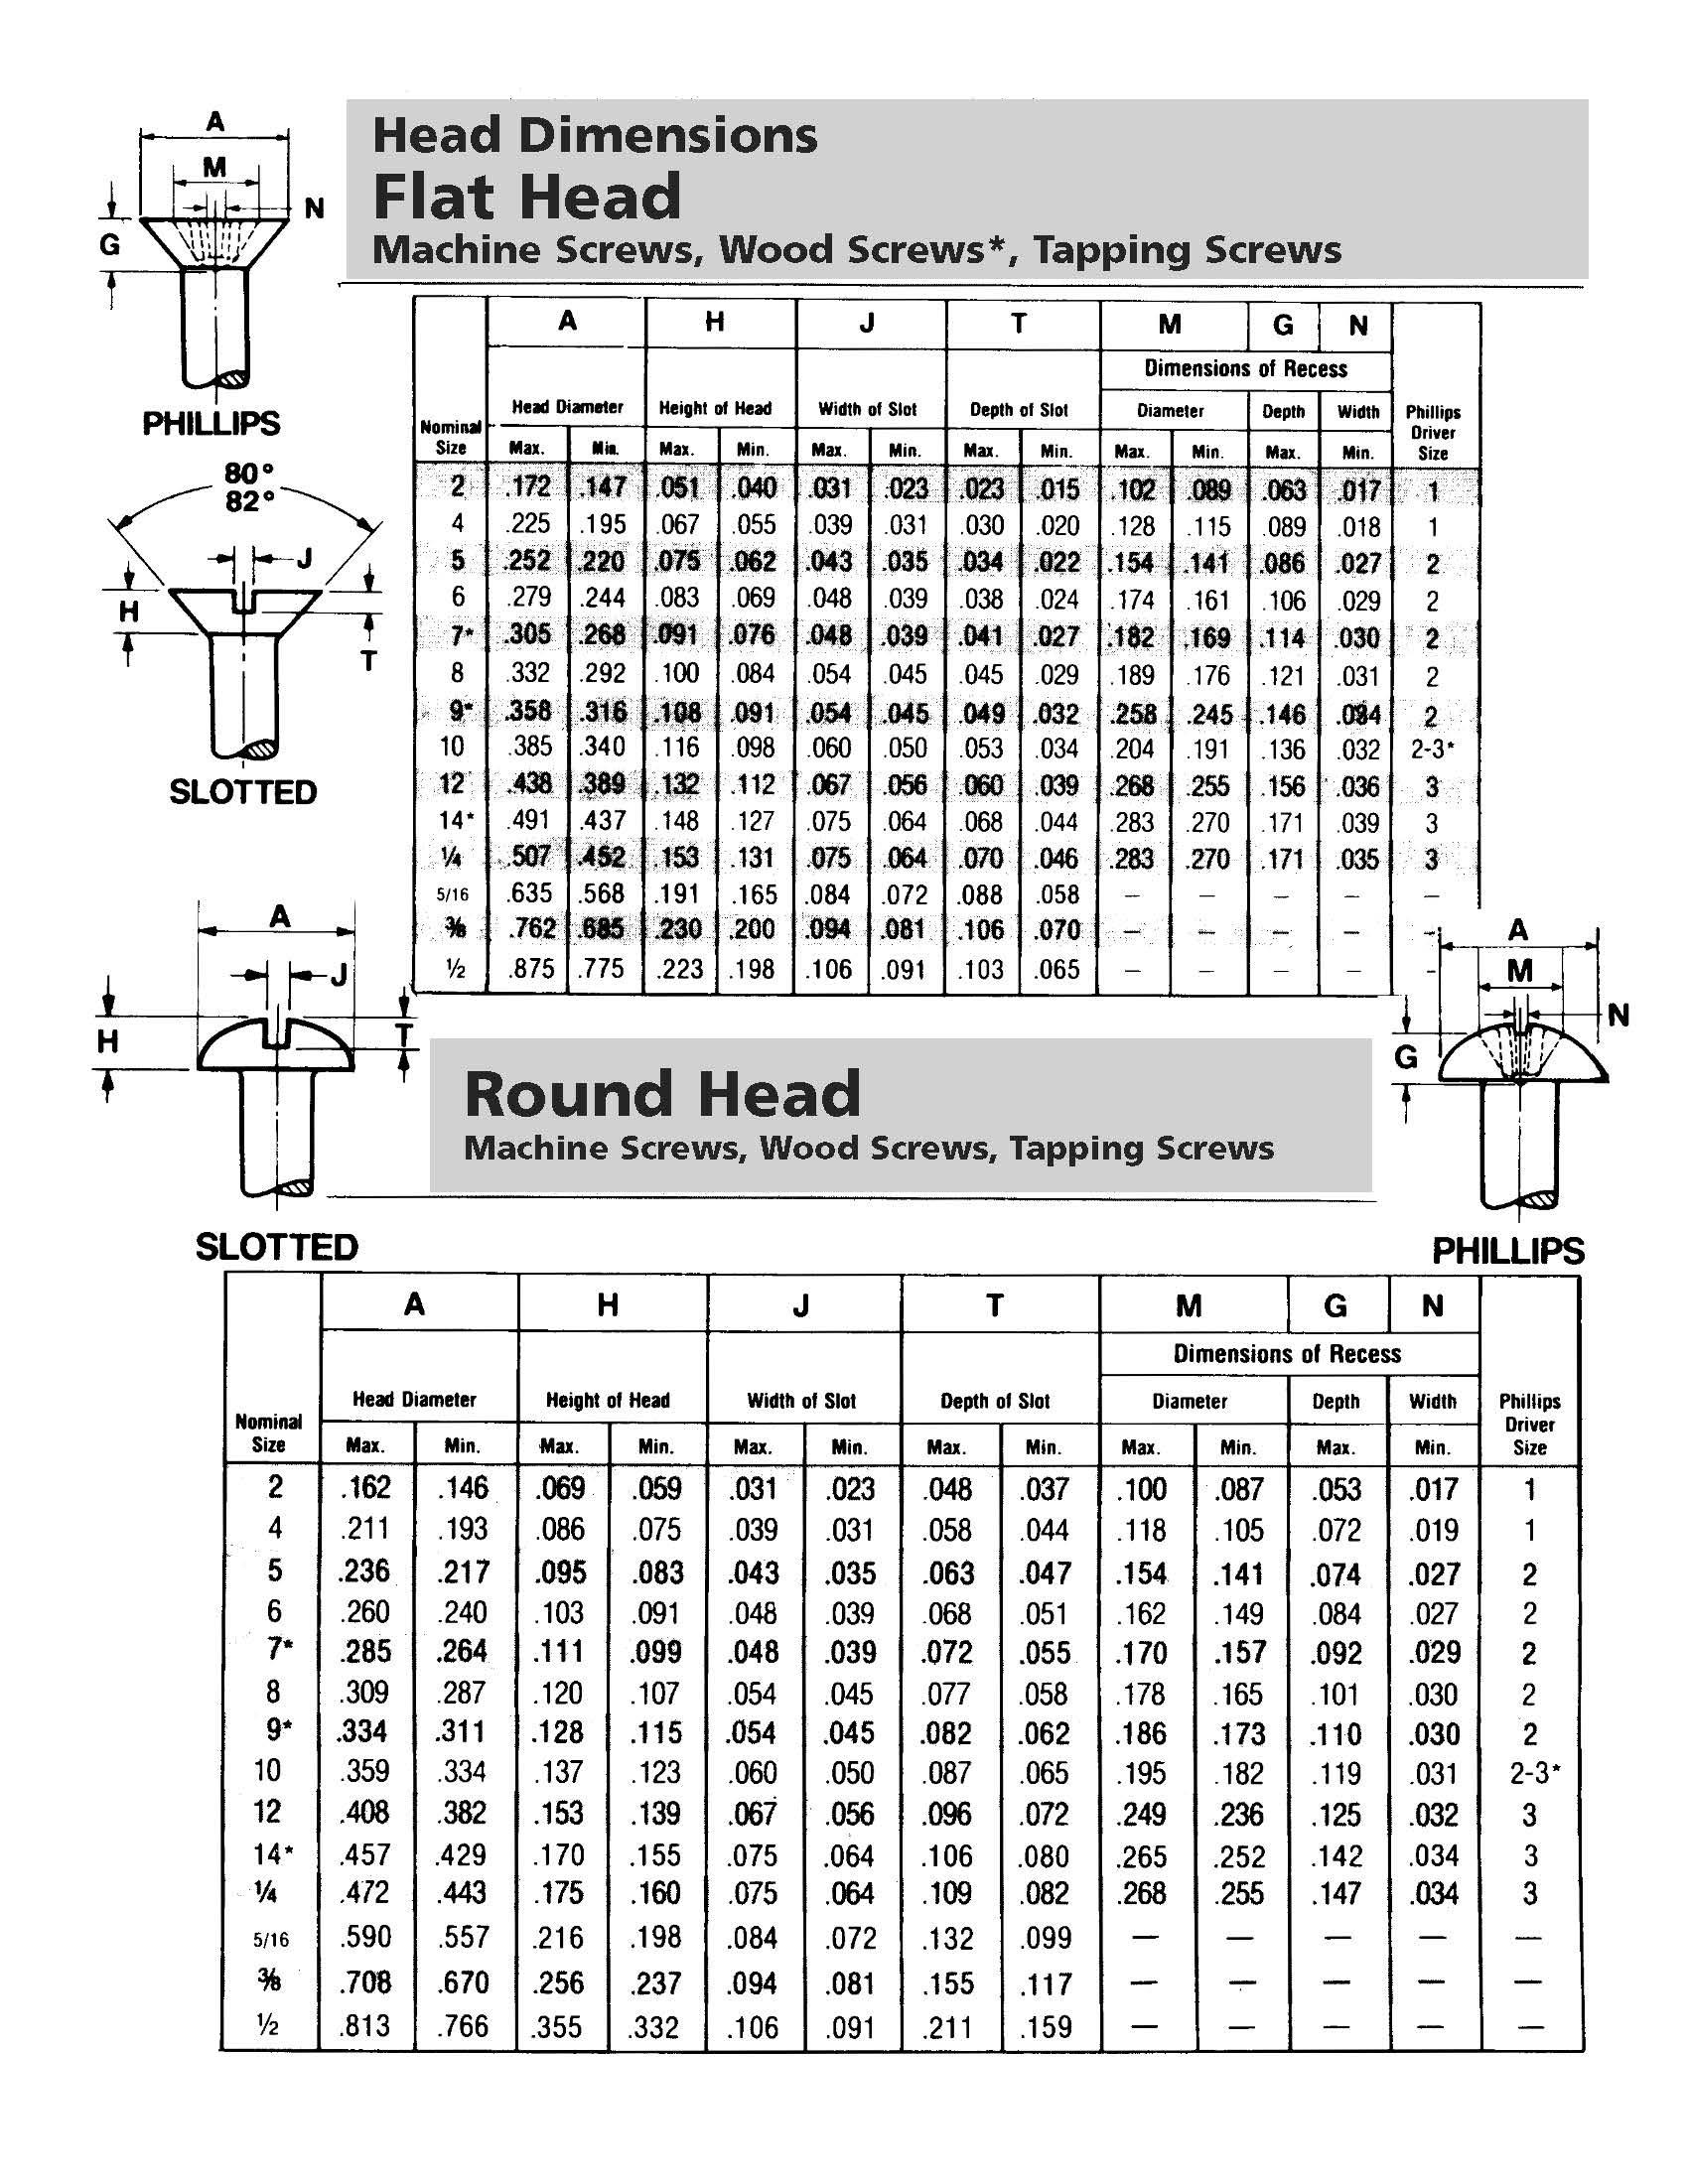 flat head dimensions